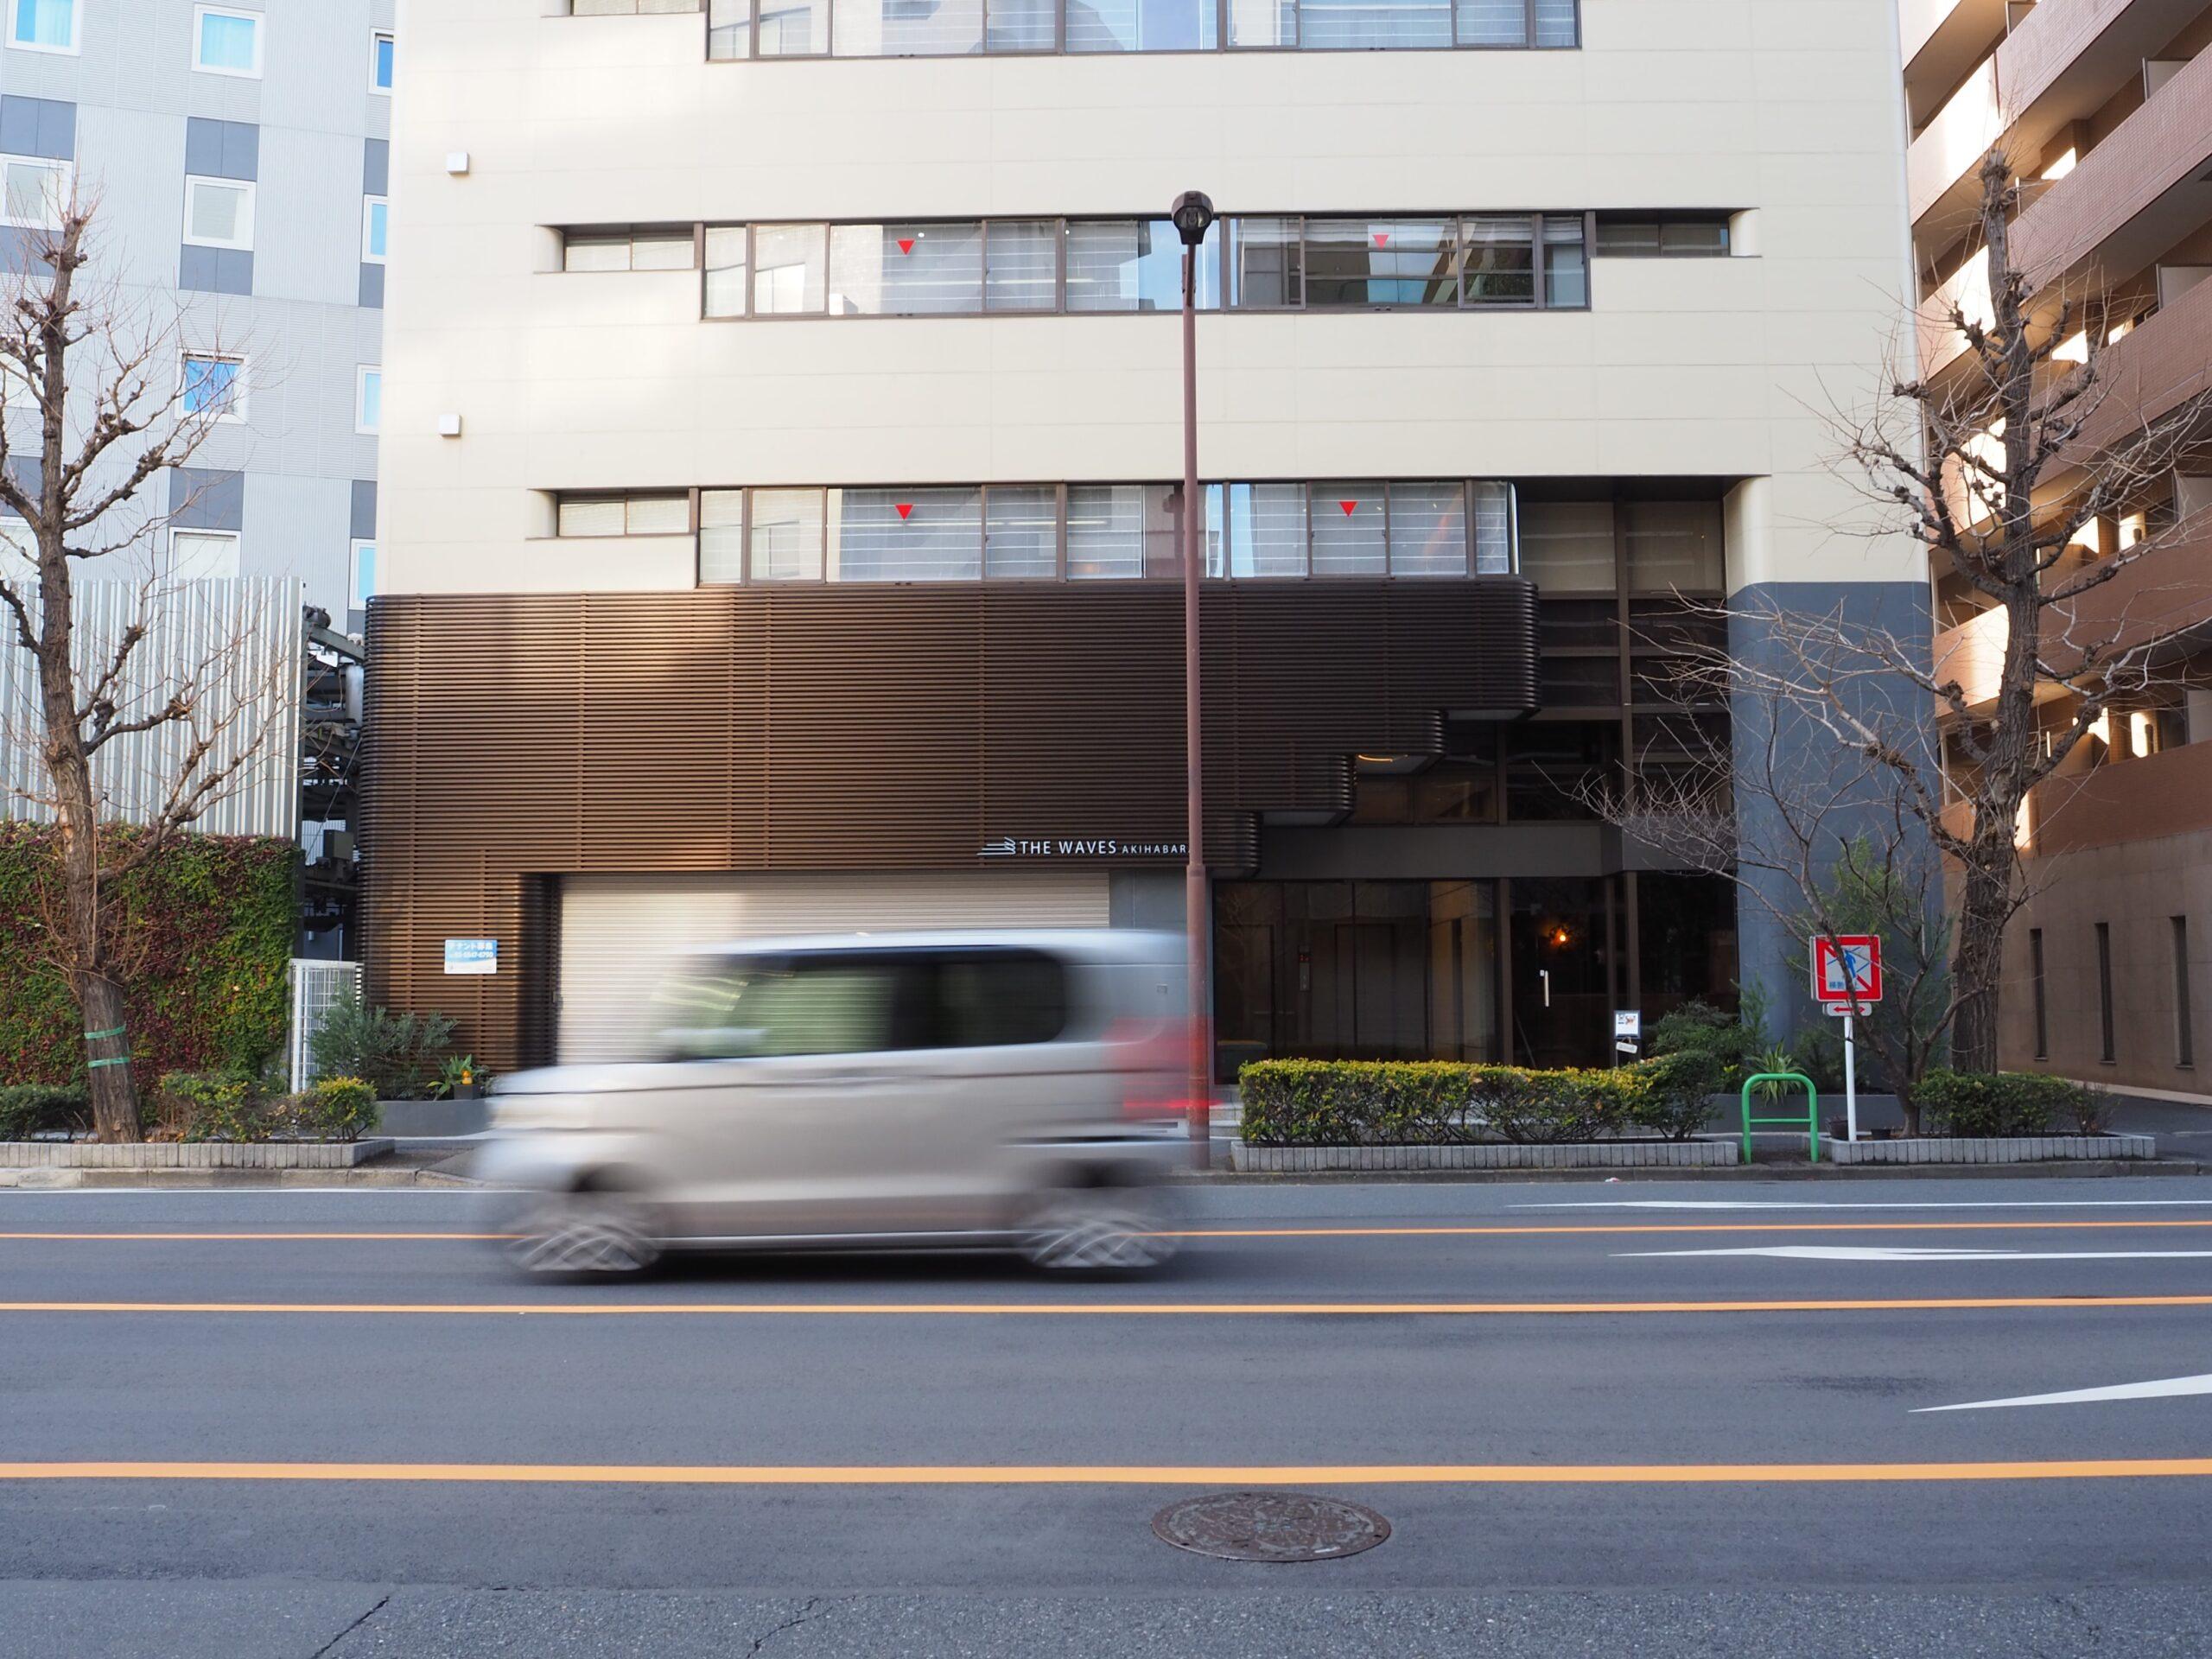 秋葉原でリノベ再生のオフィスビル竣工―サンフロンティア、日本らしさをテーマ